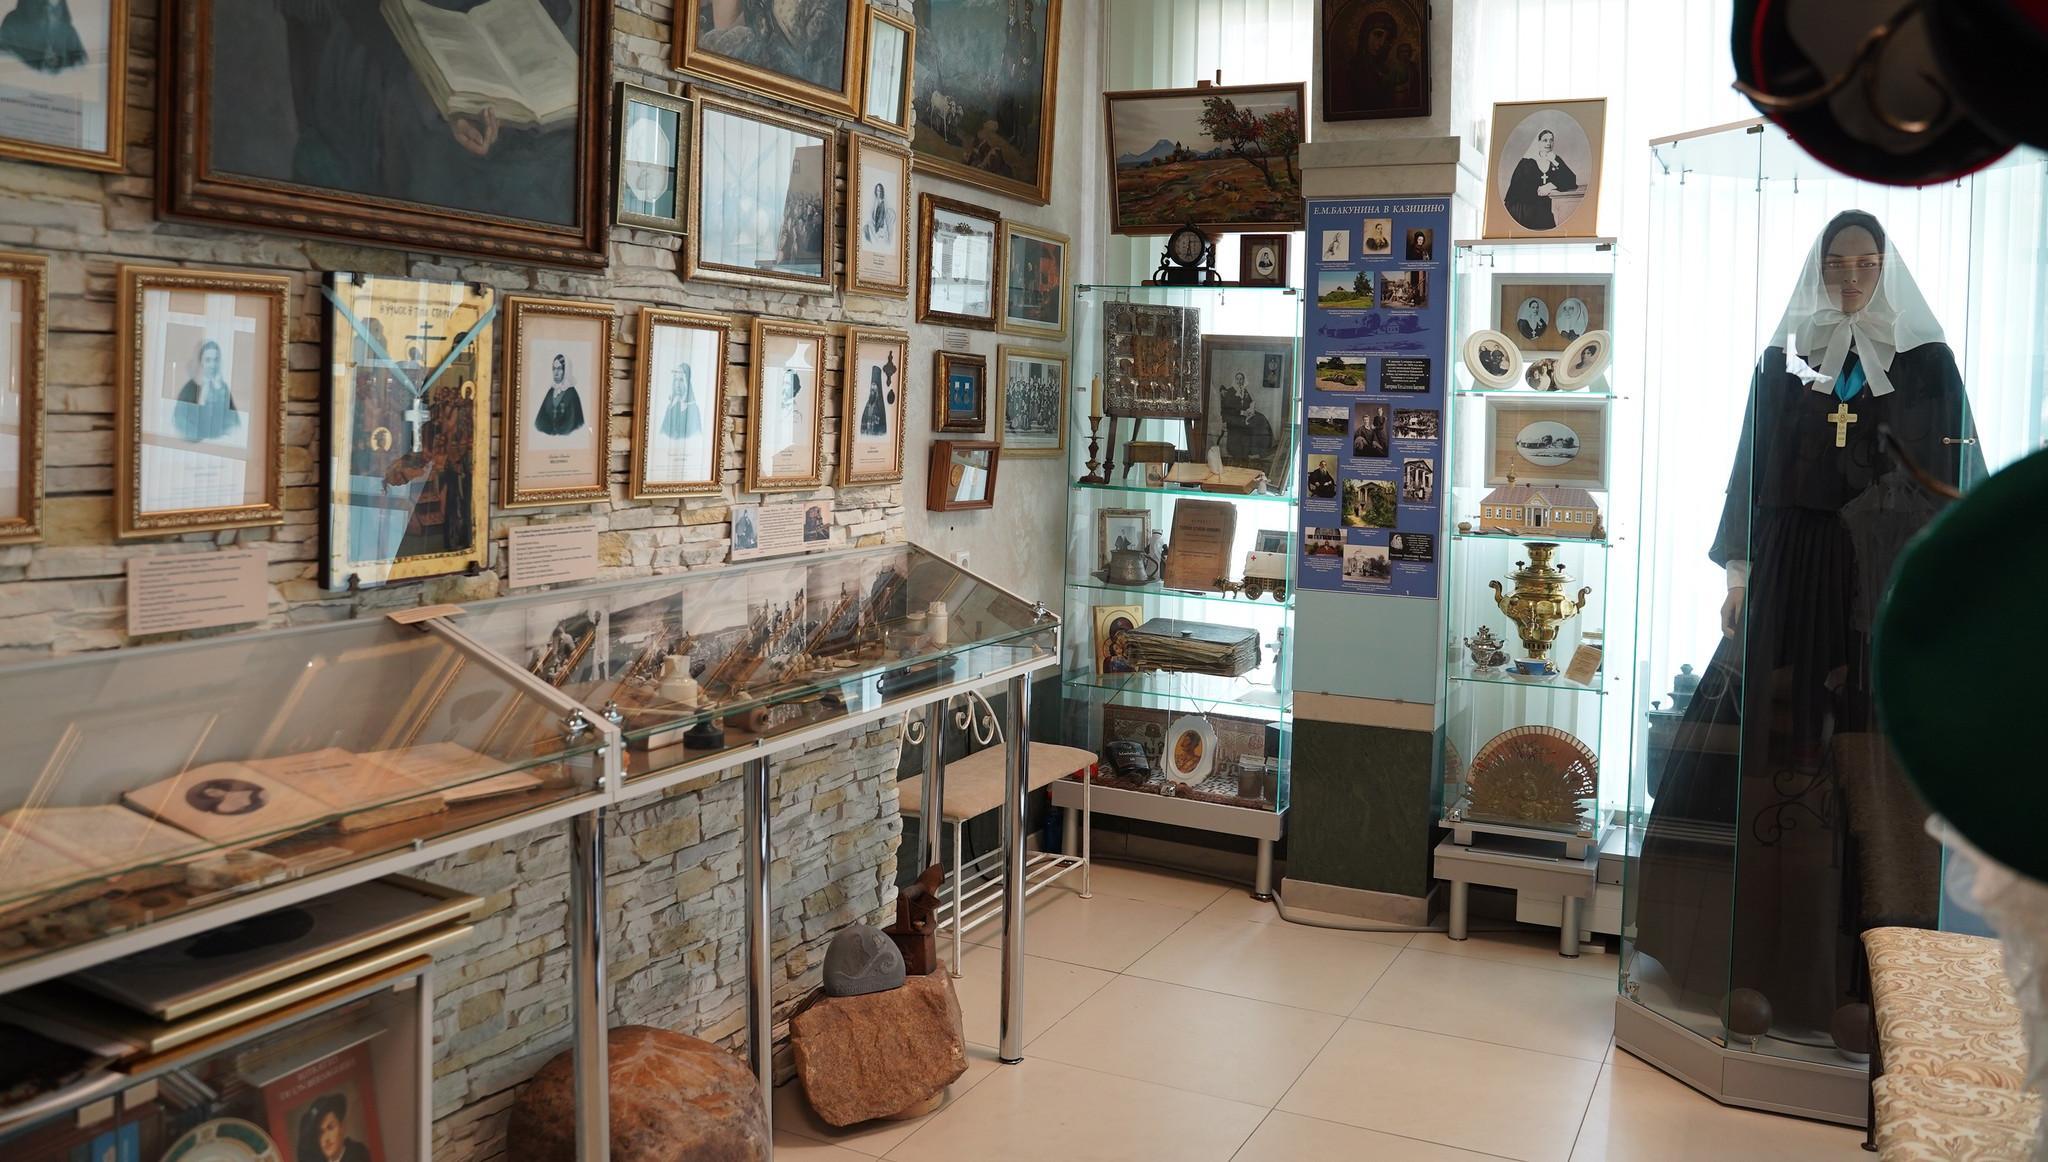 В Твери открыли расширенный музей сестры милосердия Екатерины Бакуниной - новости Афанасий